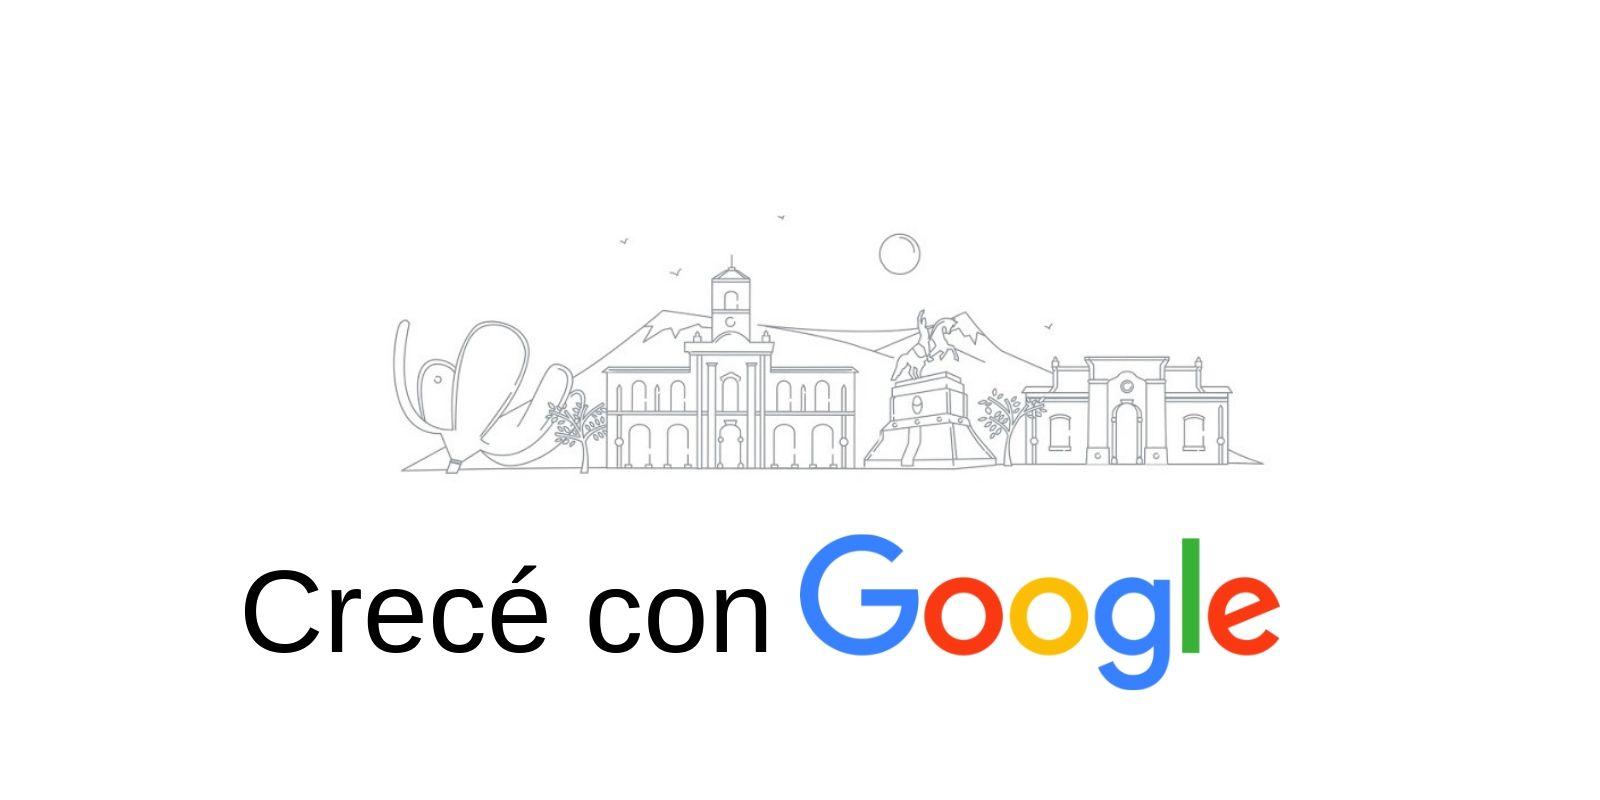 Cursos de Google gratis presenciales en Argentina